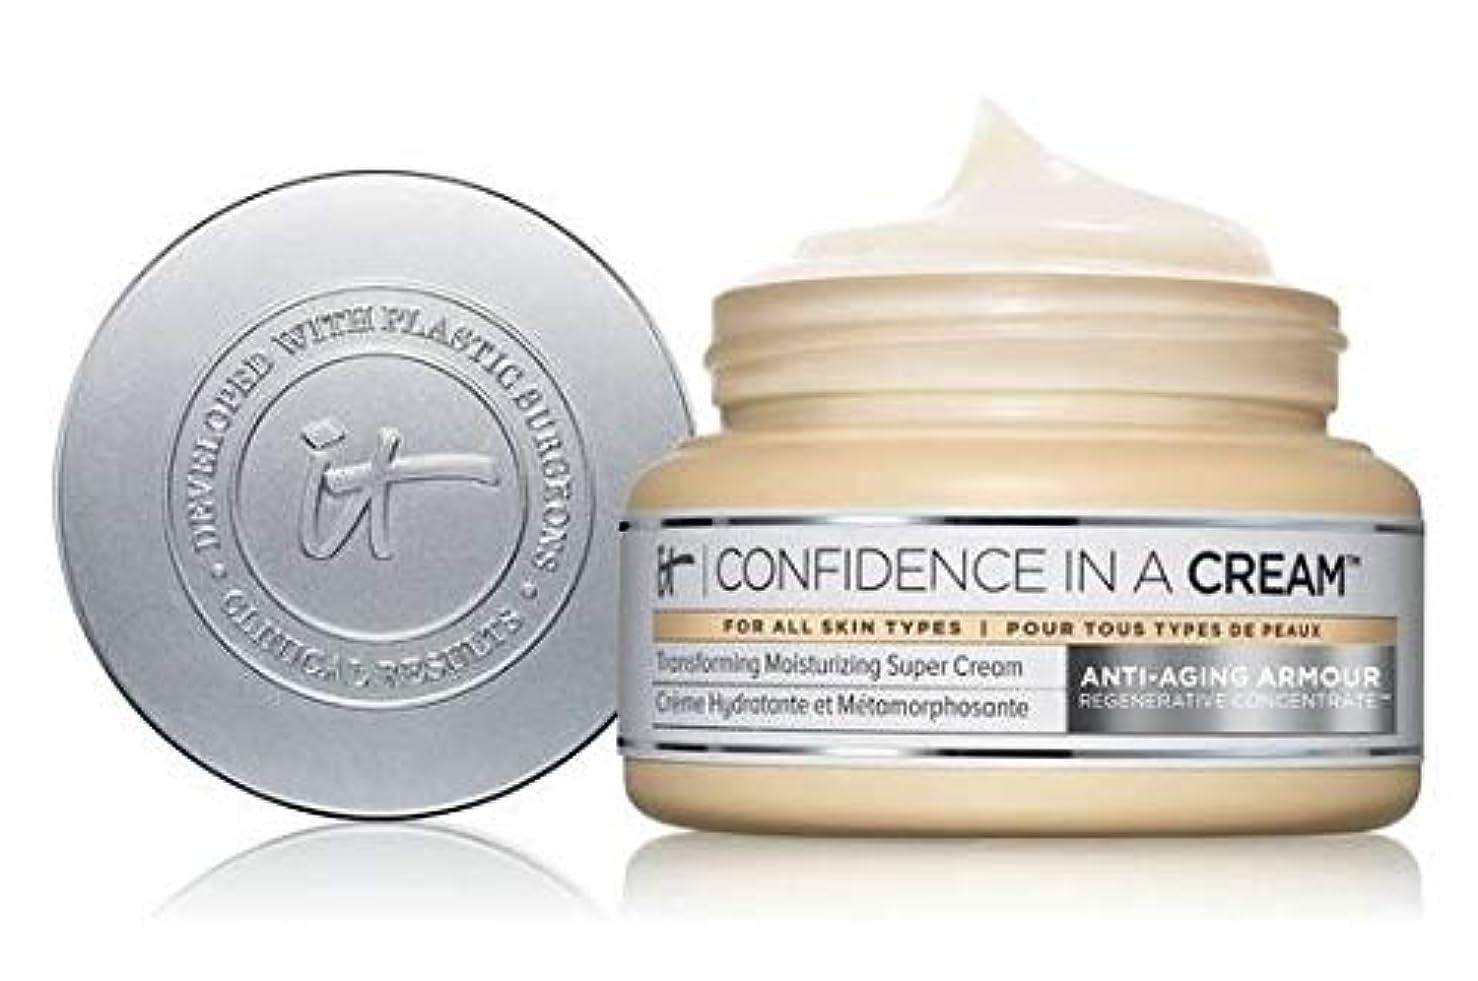 It Cosmetics Confidence in a Cream Moisturizer 2 Ouncesクリームモイスチャライザー